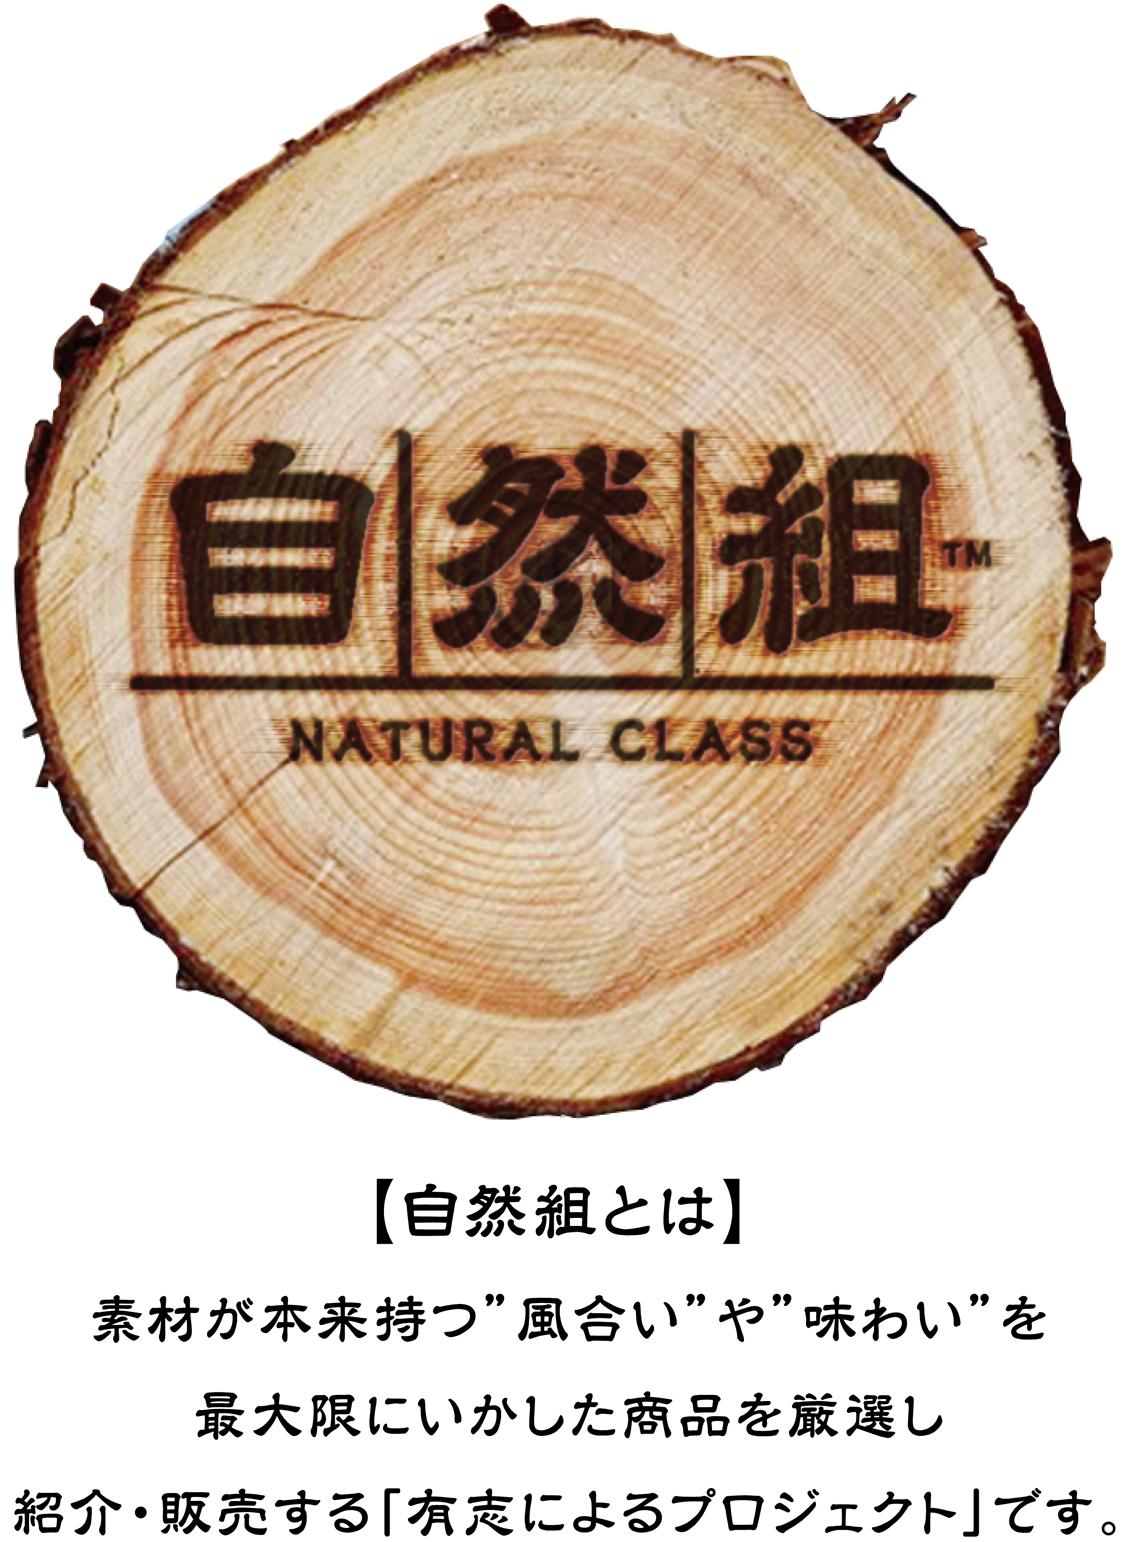 自然組とは、素材が本来持つ「風合い」や「味わい」を最大限にいかした商品を厳選し紹介・販売する「有志によるプロジェクト」です。